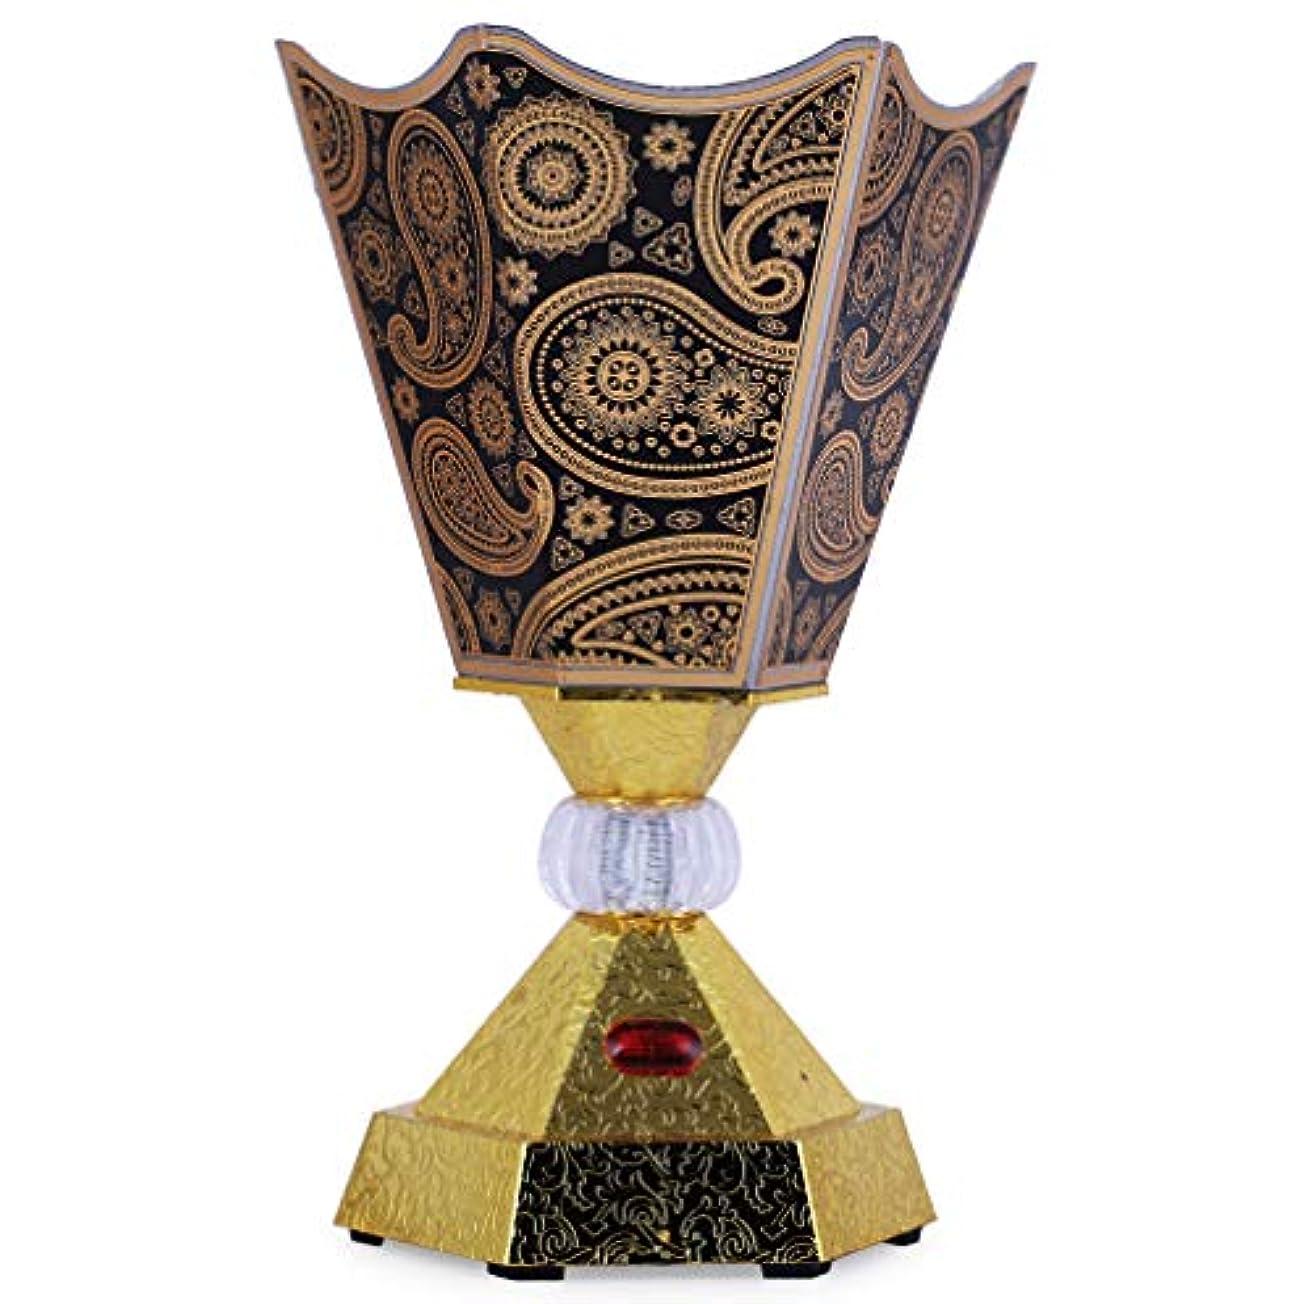 知覚短くする免疫するVintage Style Incense Bakhoor/Oud Burner Frankincense Incense Holder Electric, Best for Gifting IB-31-Black